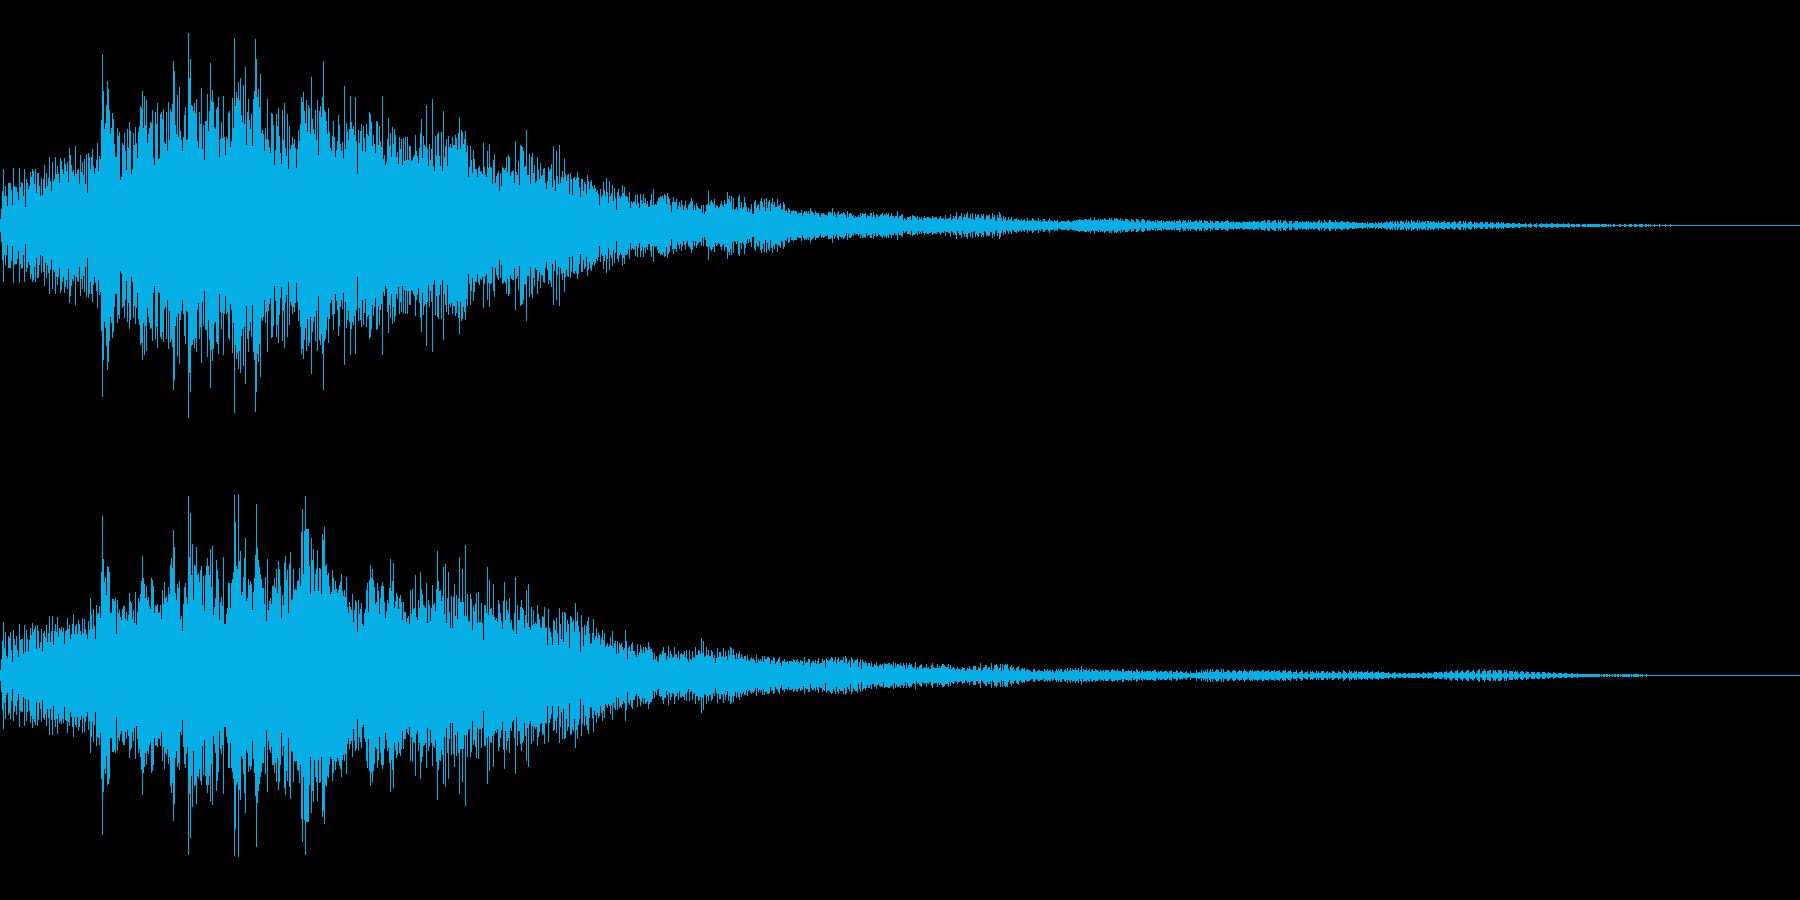 ゲーム機の起動音風サウンドロゴ・ジングルの再生済みの波形